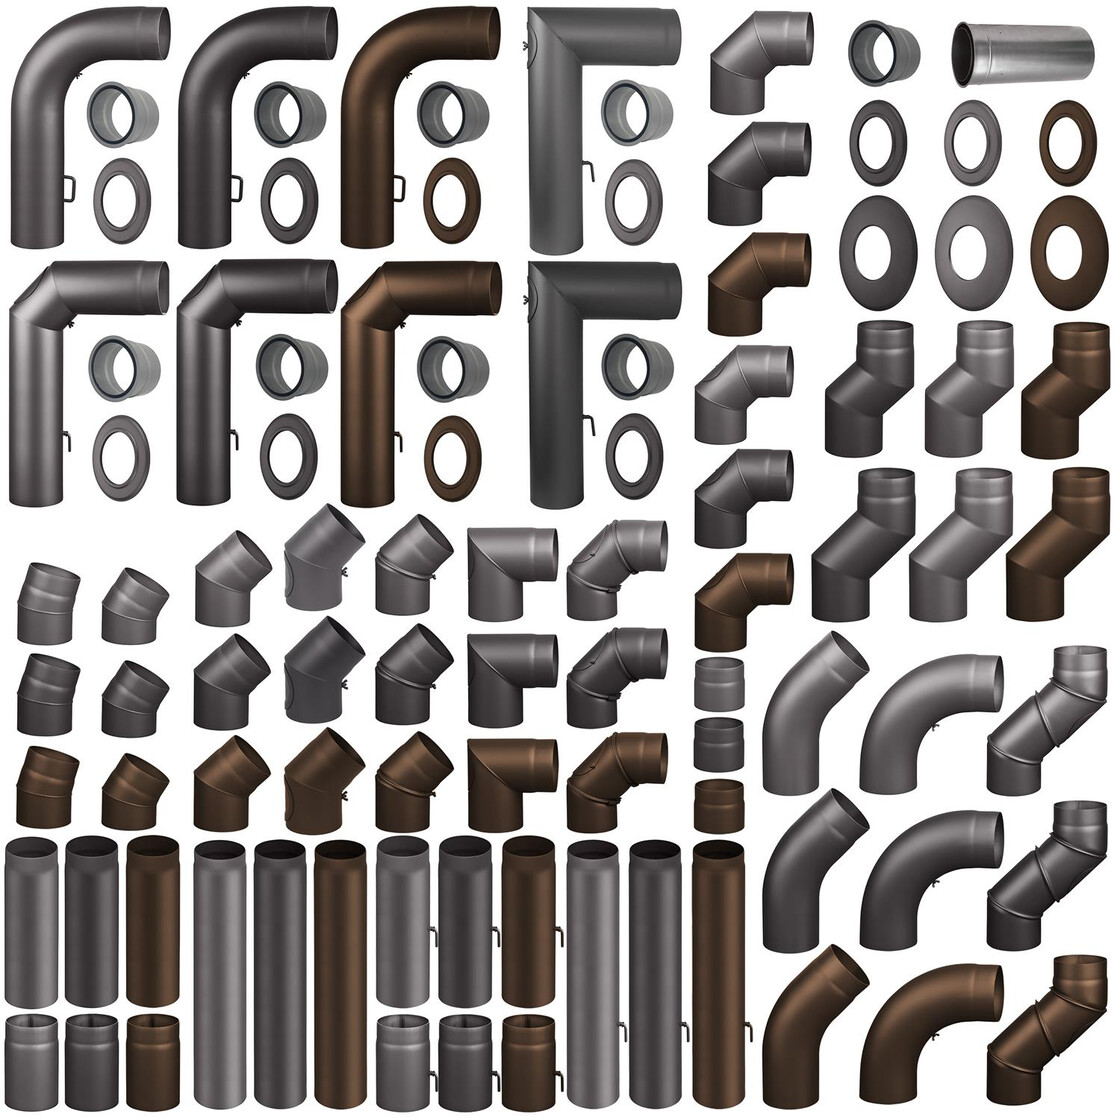 Ofenrohr Rauchrohr Bogen  0-90° verstellb 120 130 150 160 180 200mm grau schwar